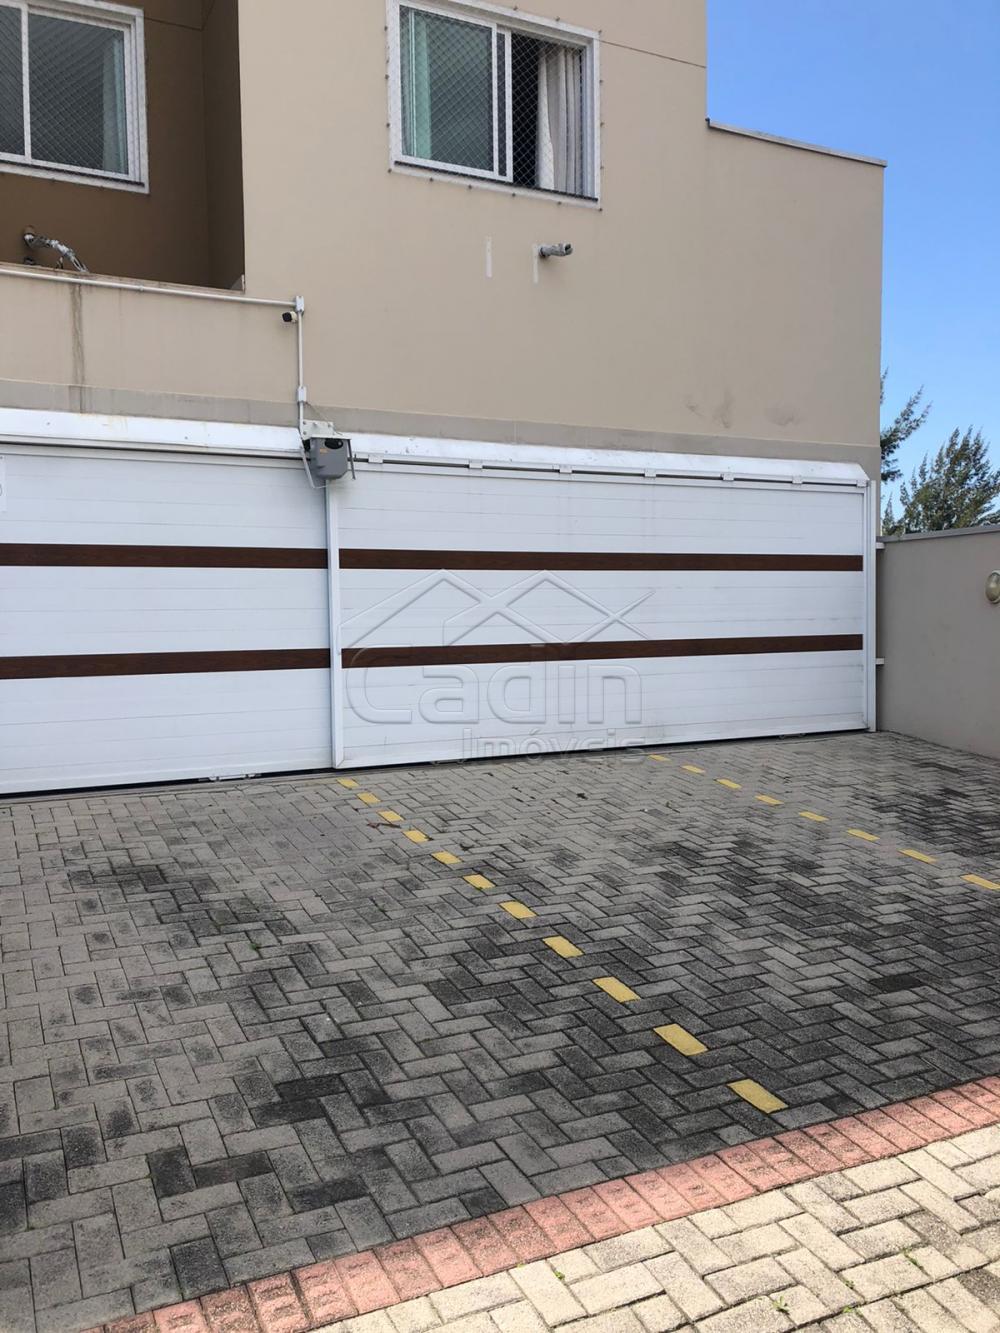 Comprar Apartamento / Padrão em Navegantes R$ 305.000,00 - Foto 2